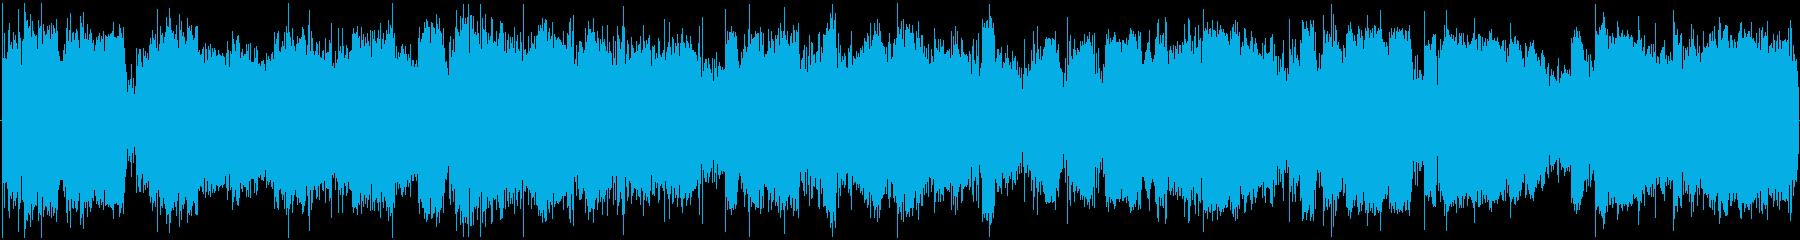 イメージ 極端な異常な狂気低01の再生済みの波形